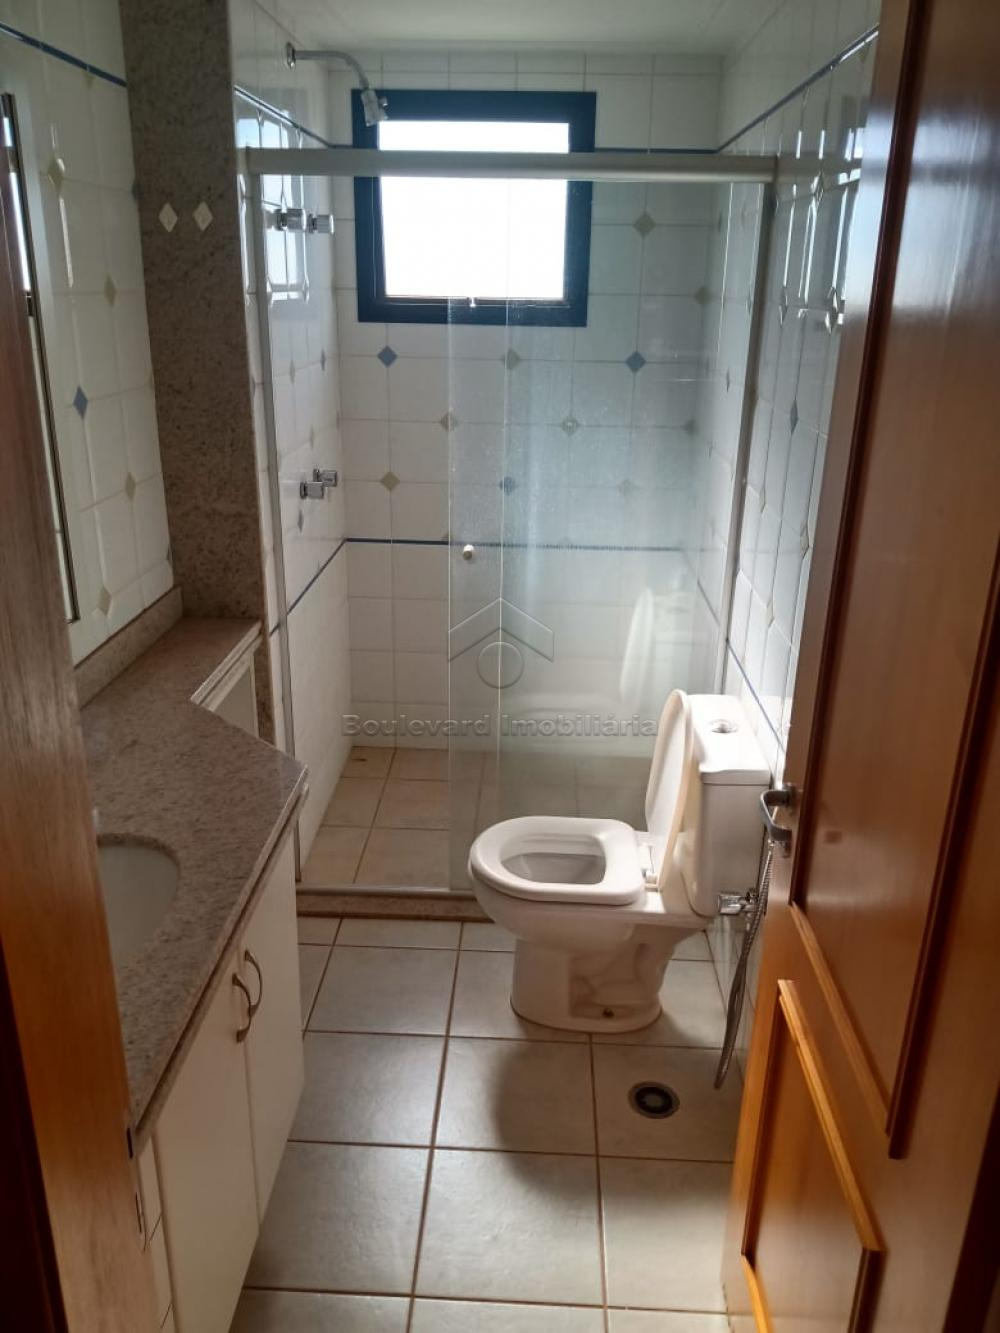 Alugar Apartamento / Padrão em Ribeirão Preto apenas R$ 2.400,00 - Foto 8